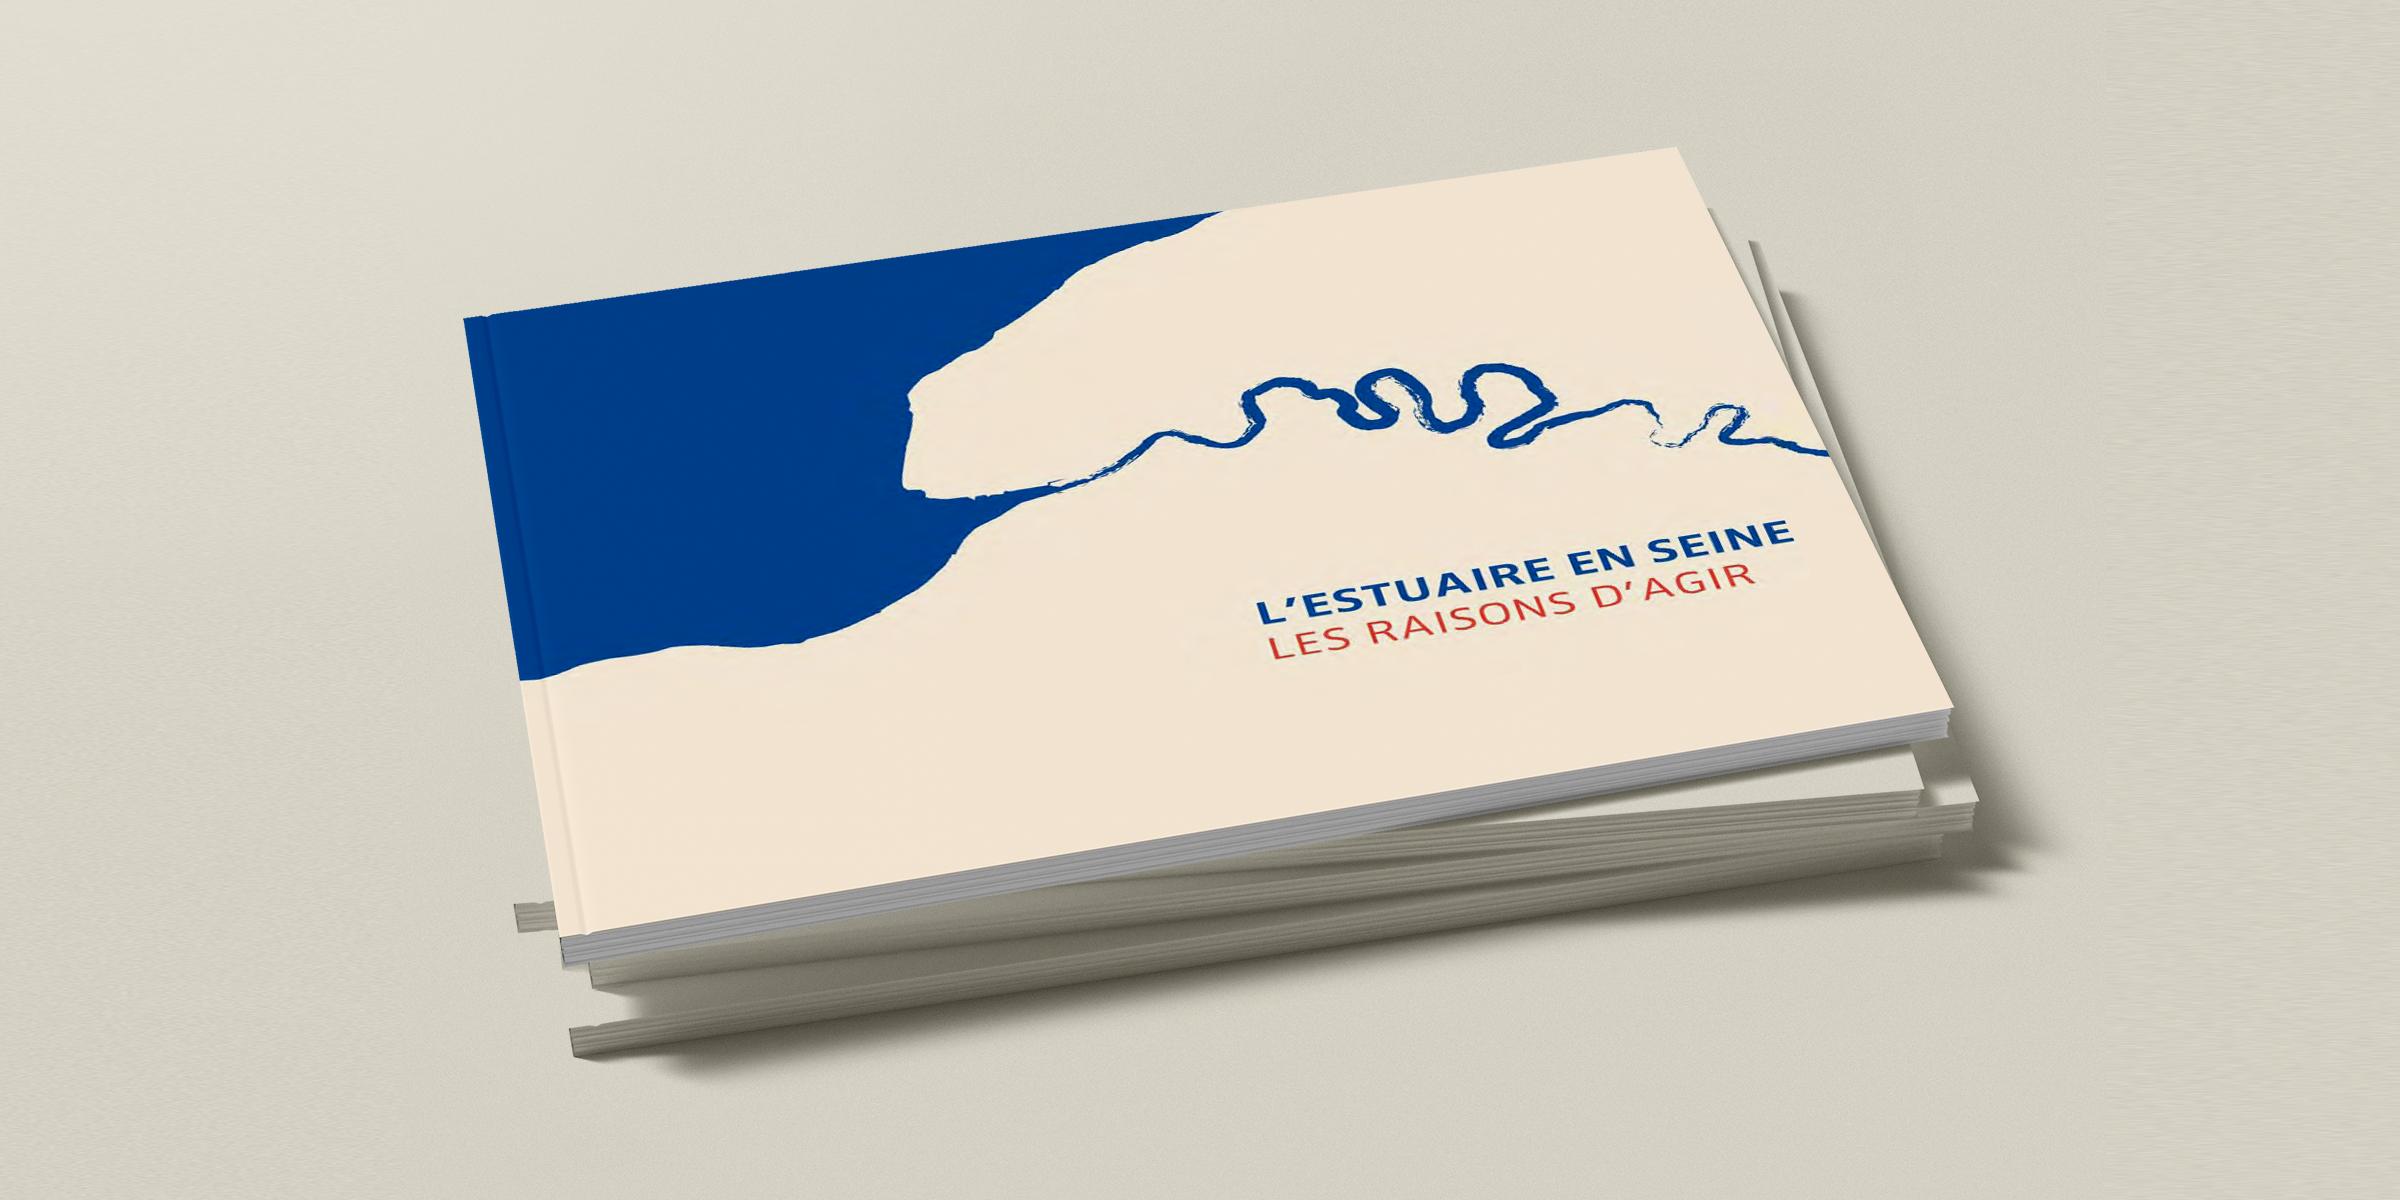 L'Estuaire en Seine - Les raisons d'agir